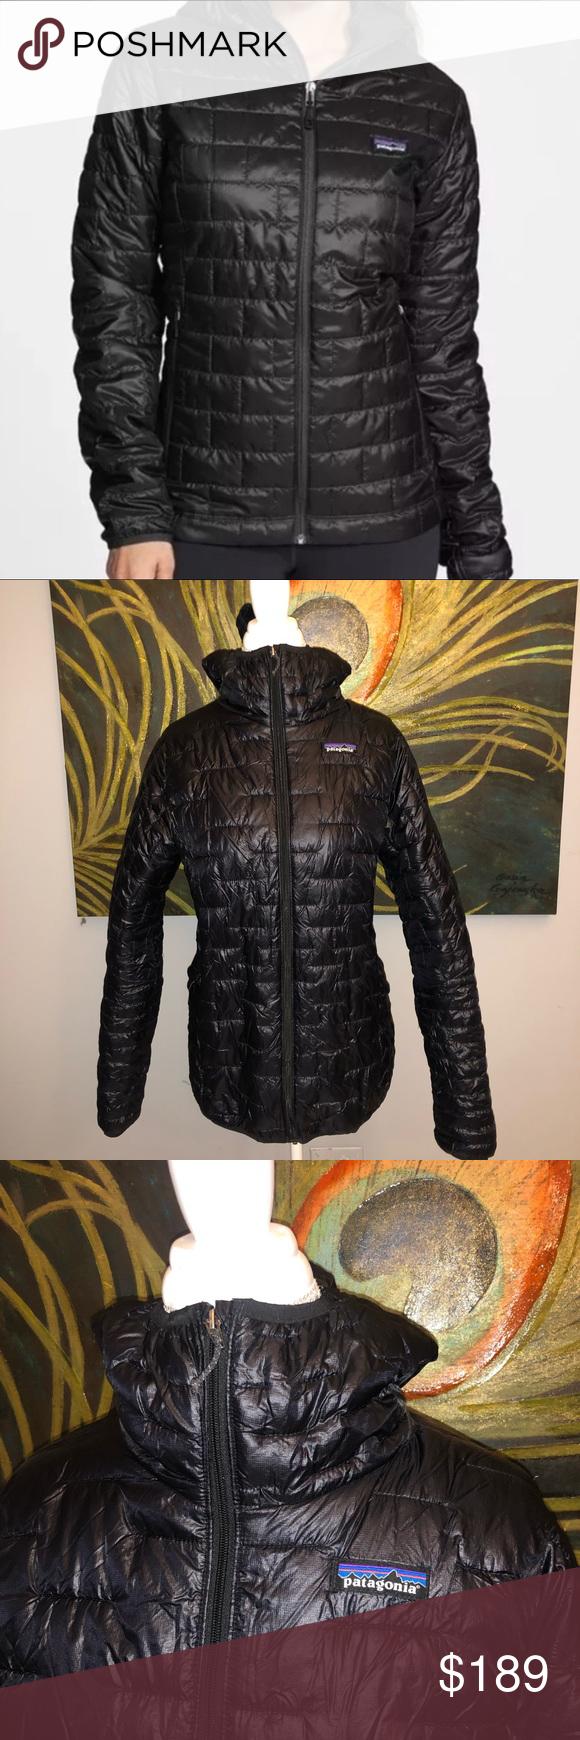 Patagonia Black Puffer Jacket Black Puffer Jacket Puffer Jackets Jackets [ 1740 x 580 Pixel ]